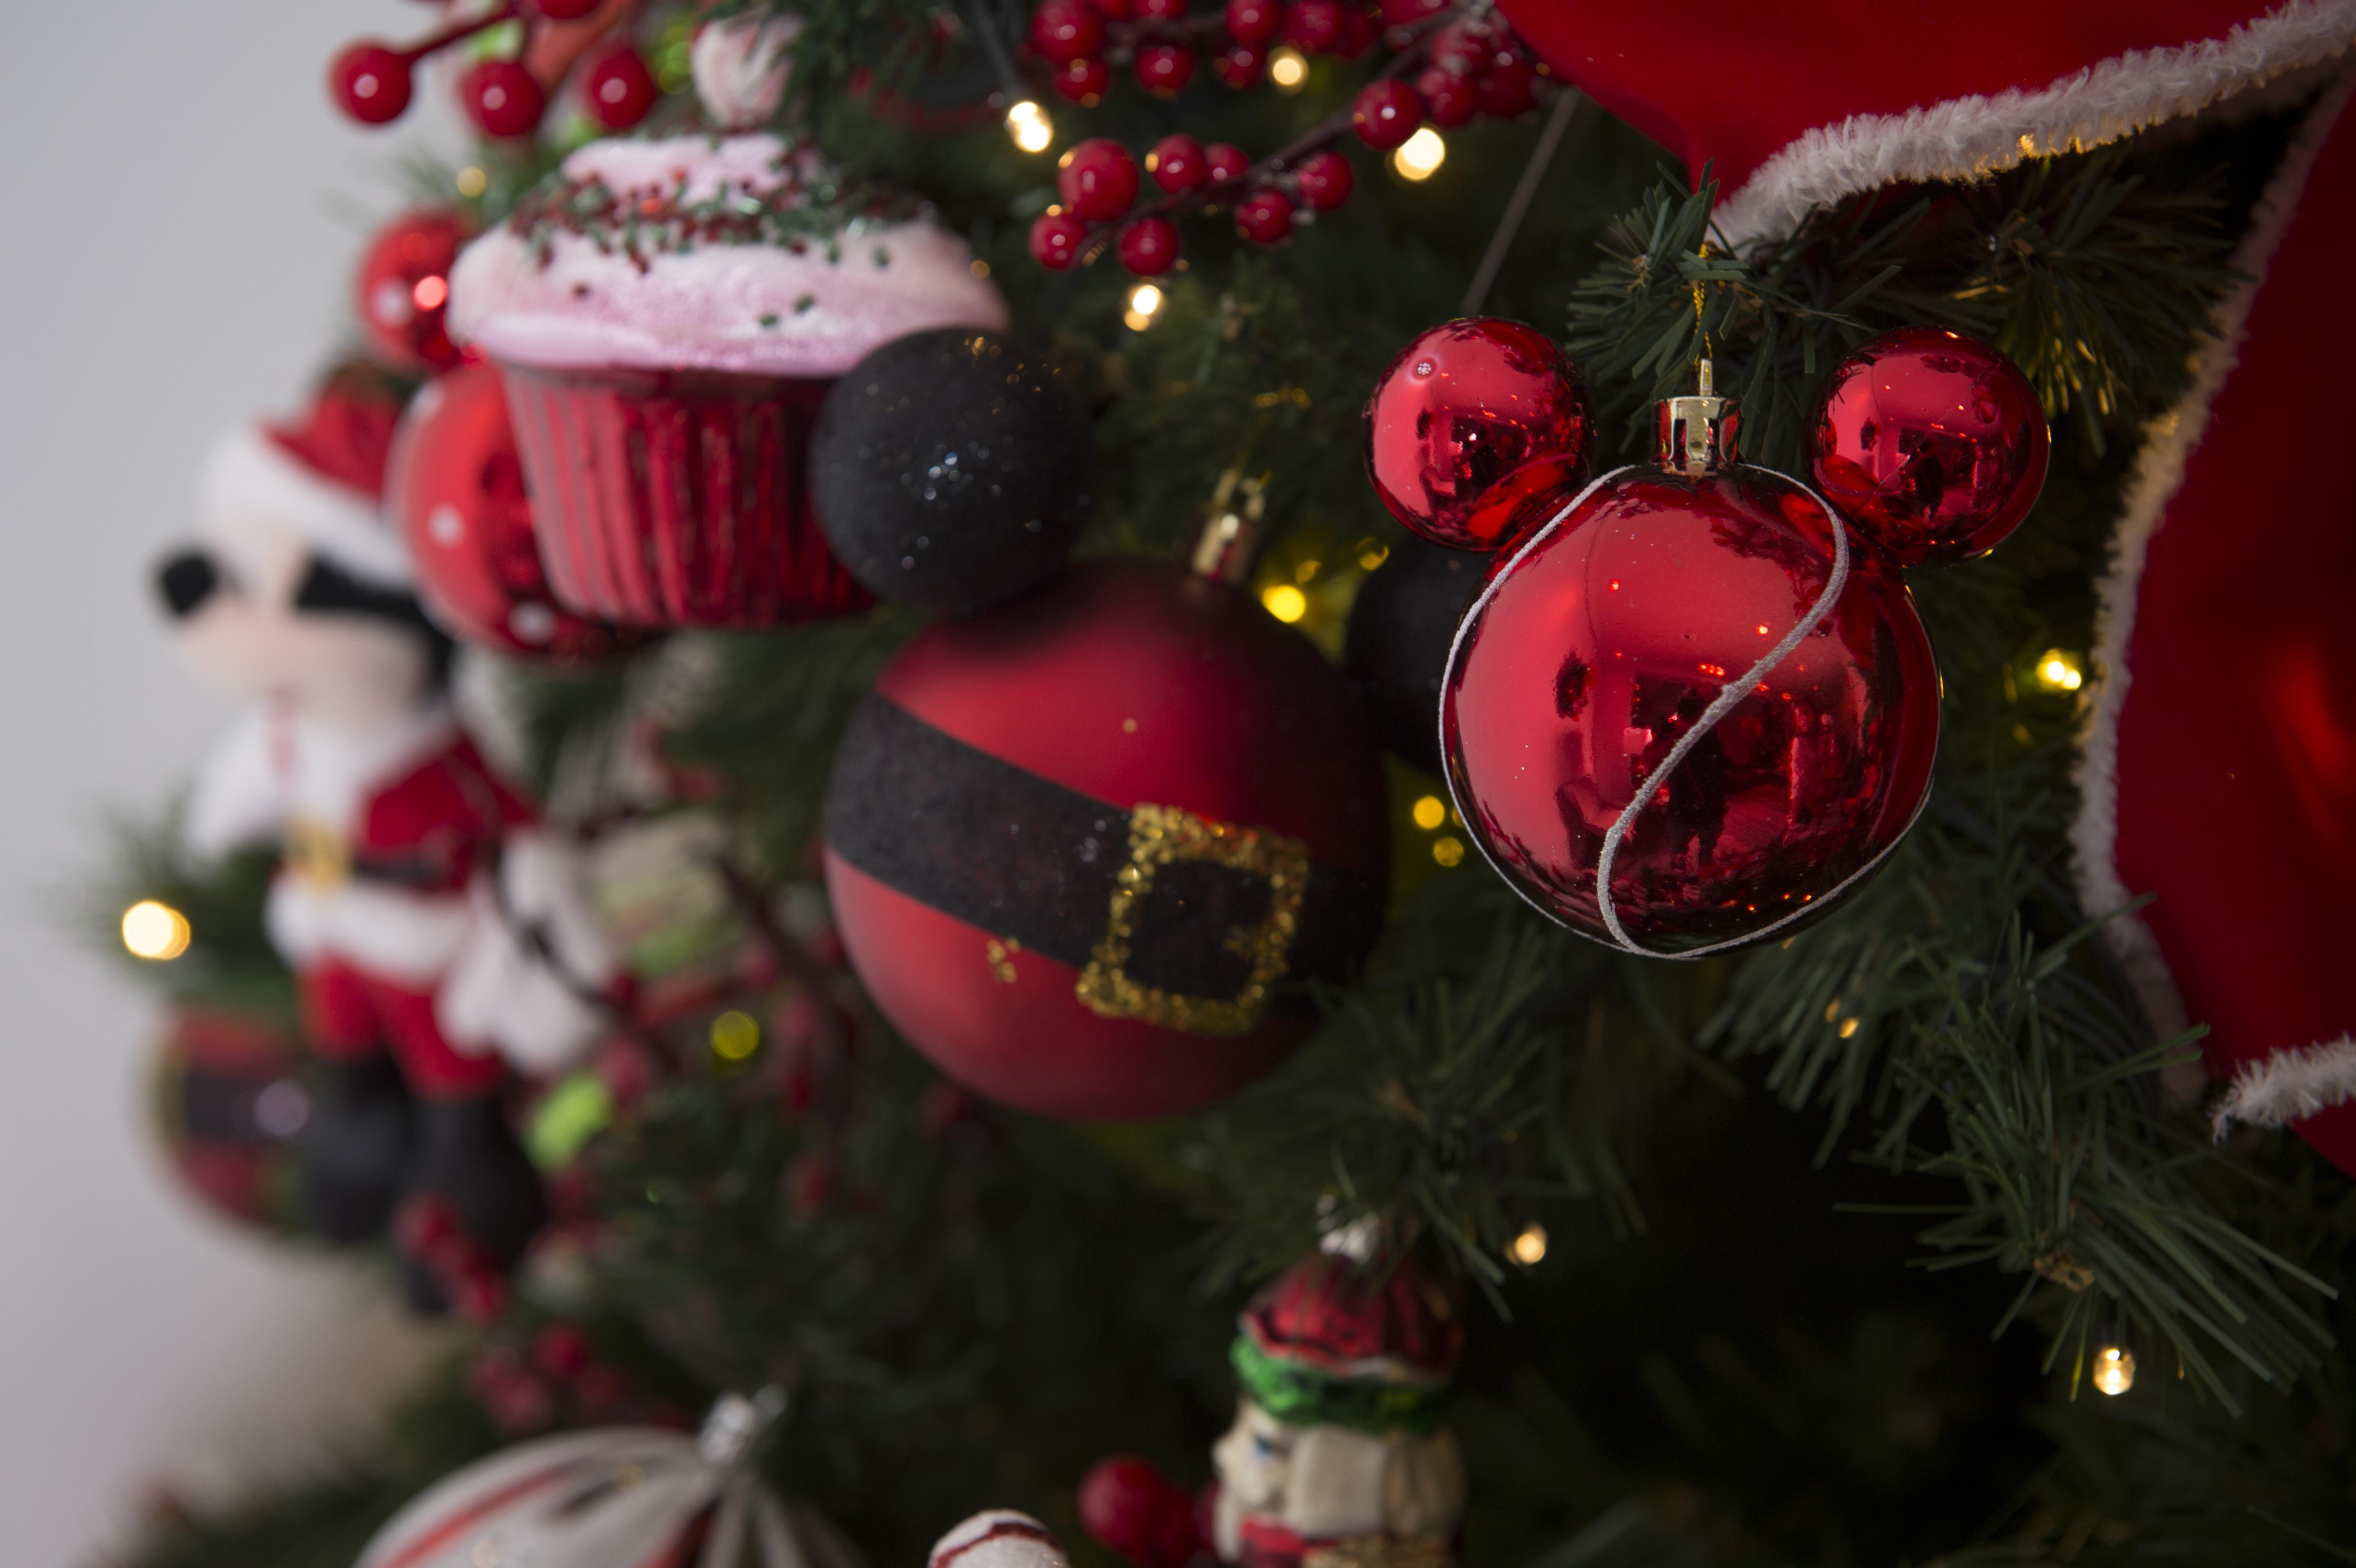 A árvore com os enfeites completa o clima mágico do dia de Natal.